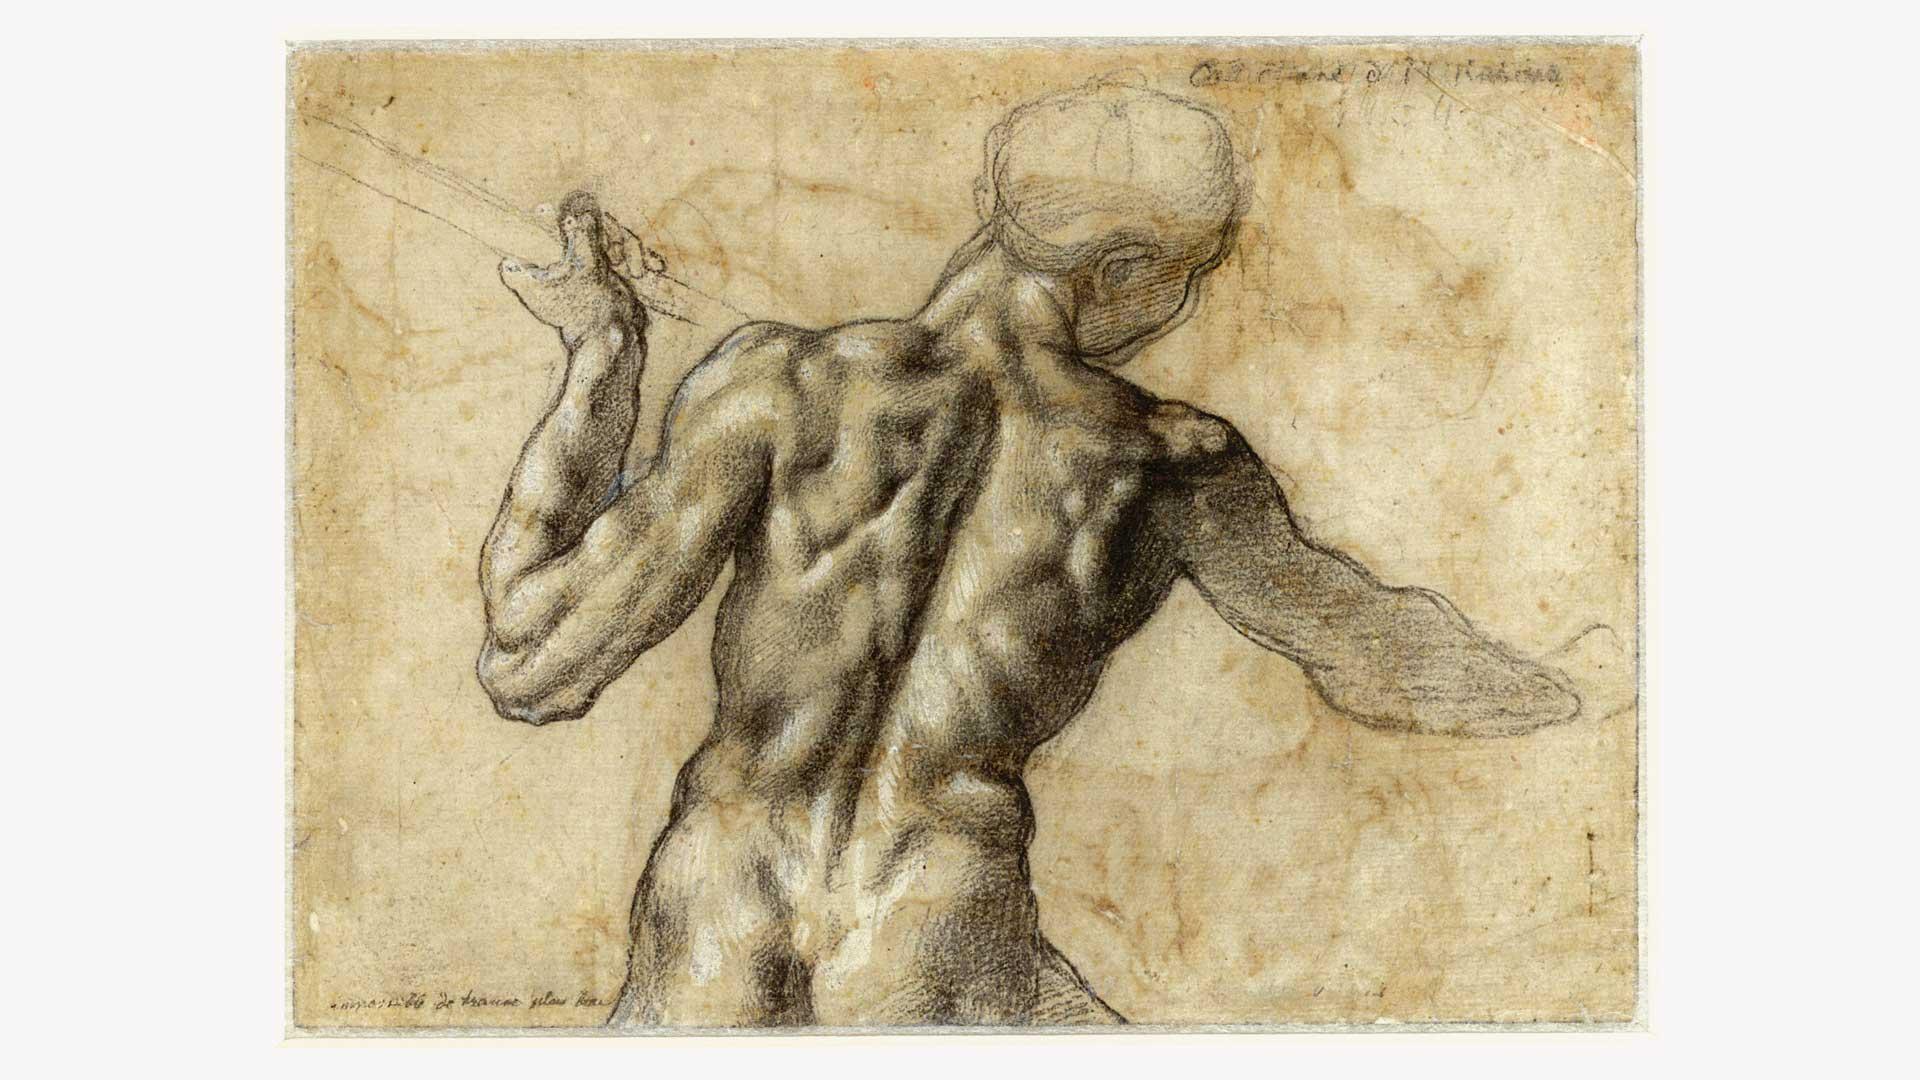 L'età di Michelangelo. I capolavori dell'Albertiniana